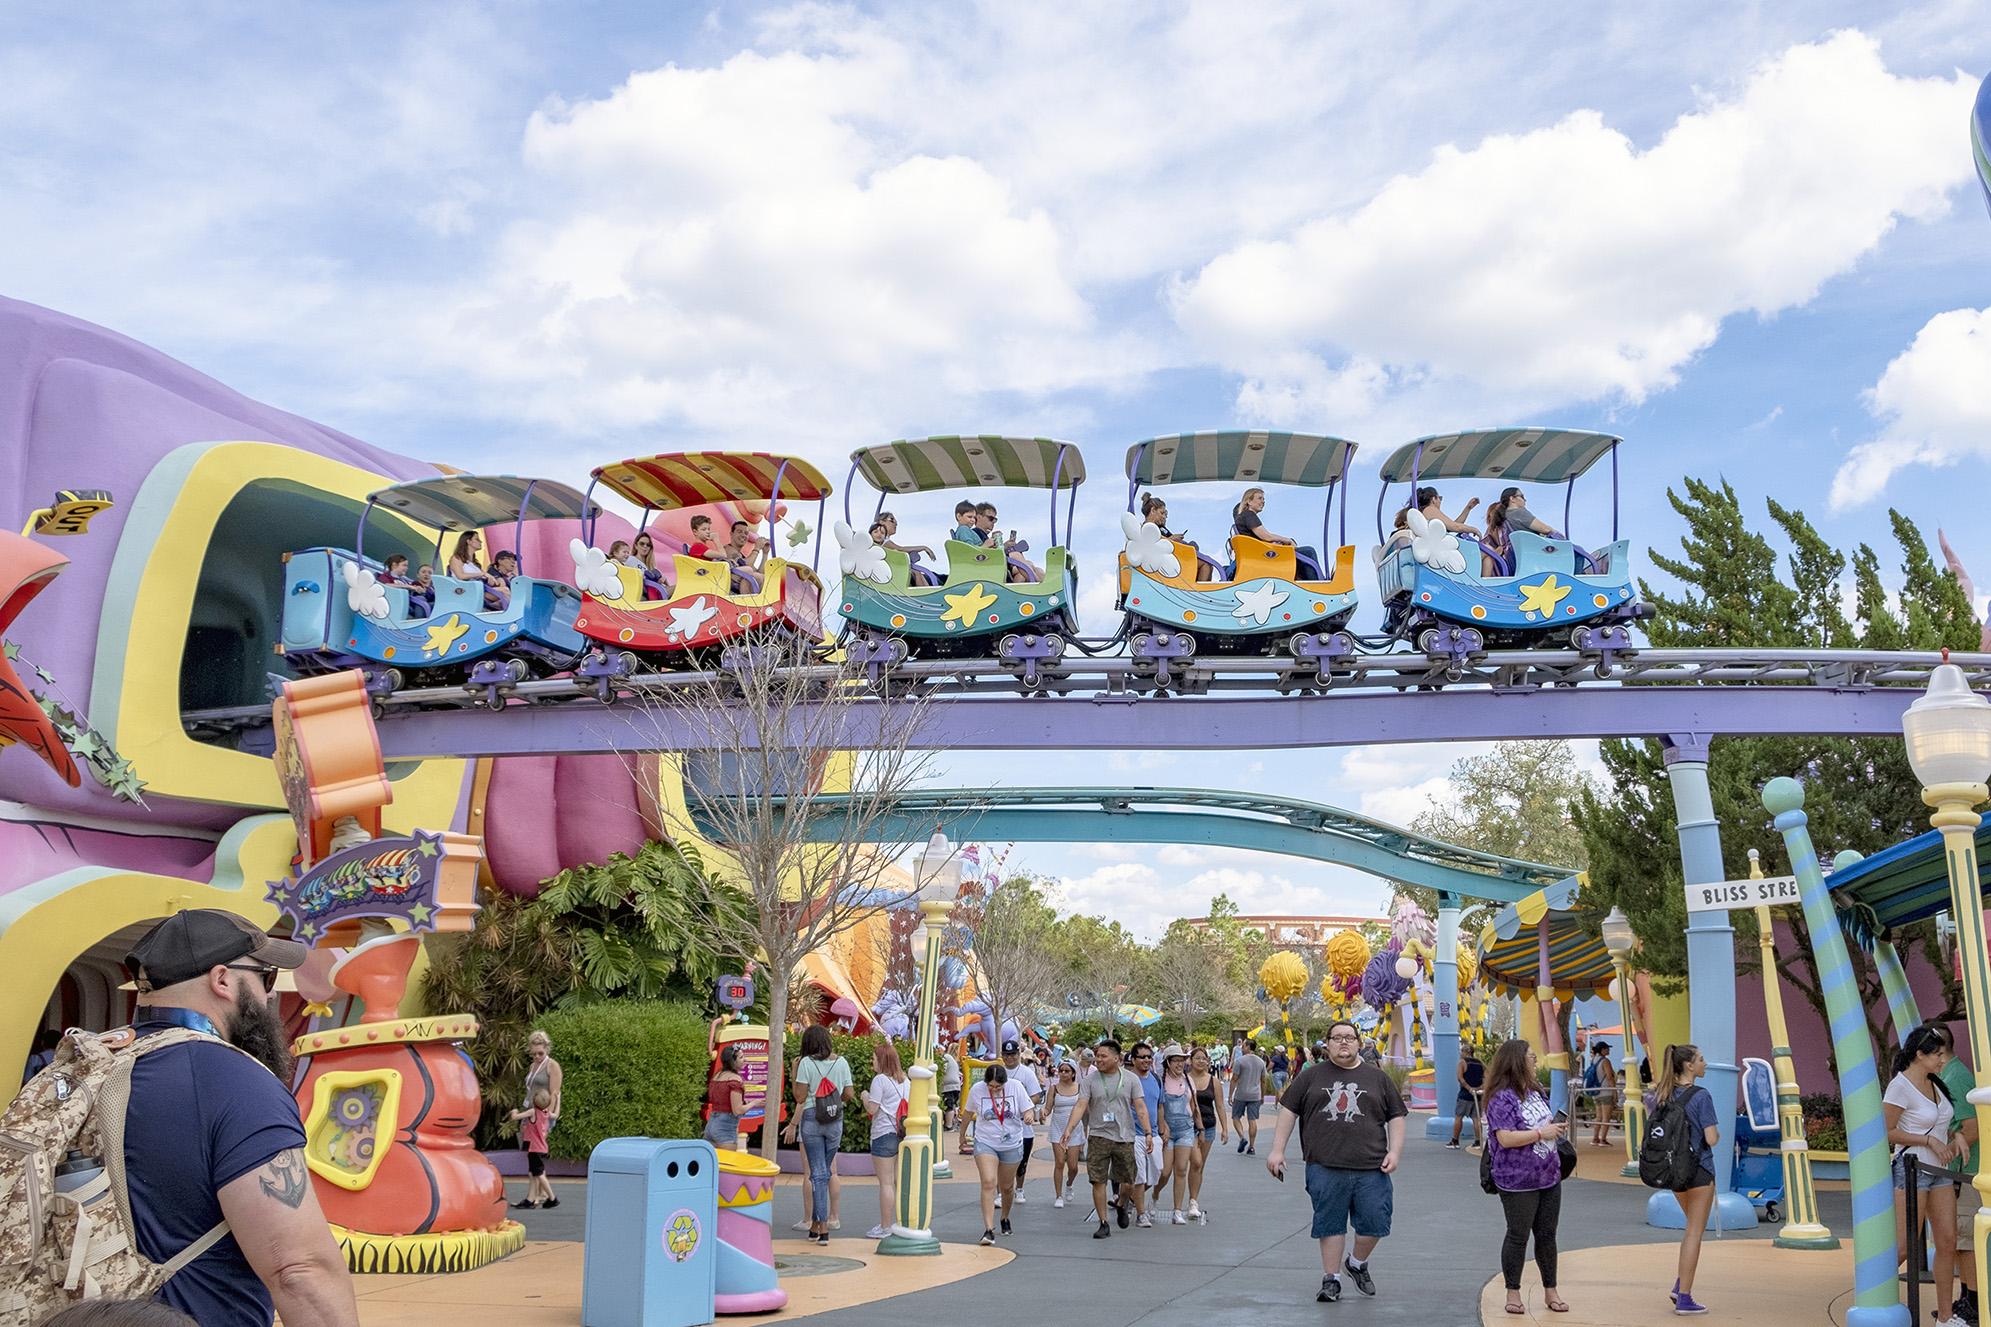 Seuss Trolley Train Islands of Adventure